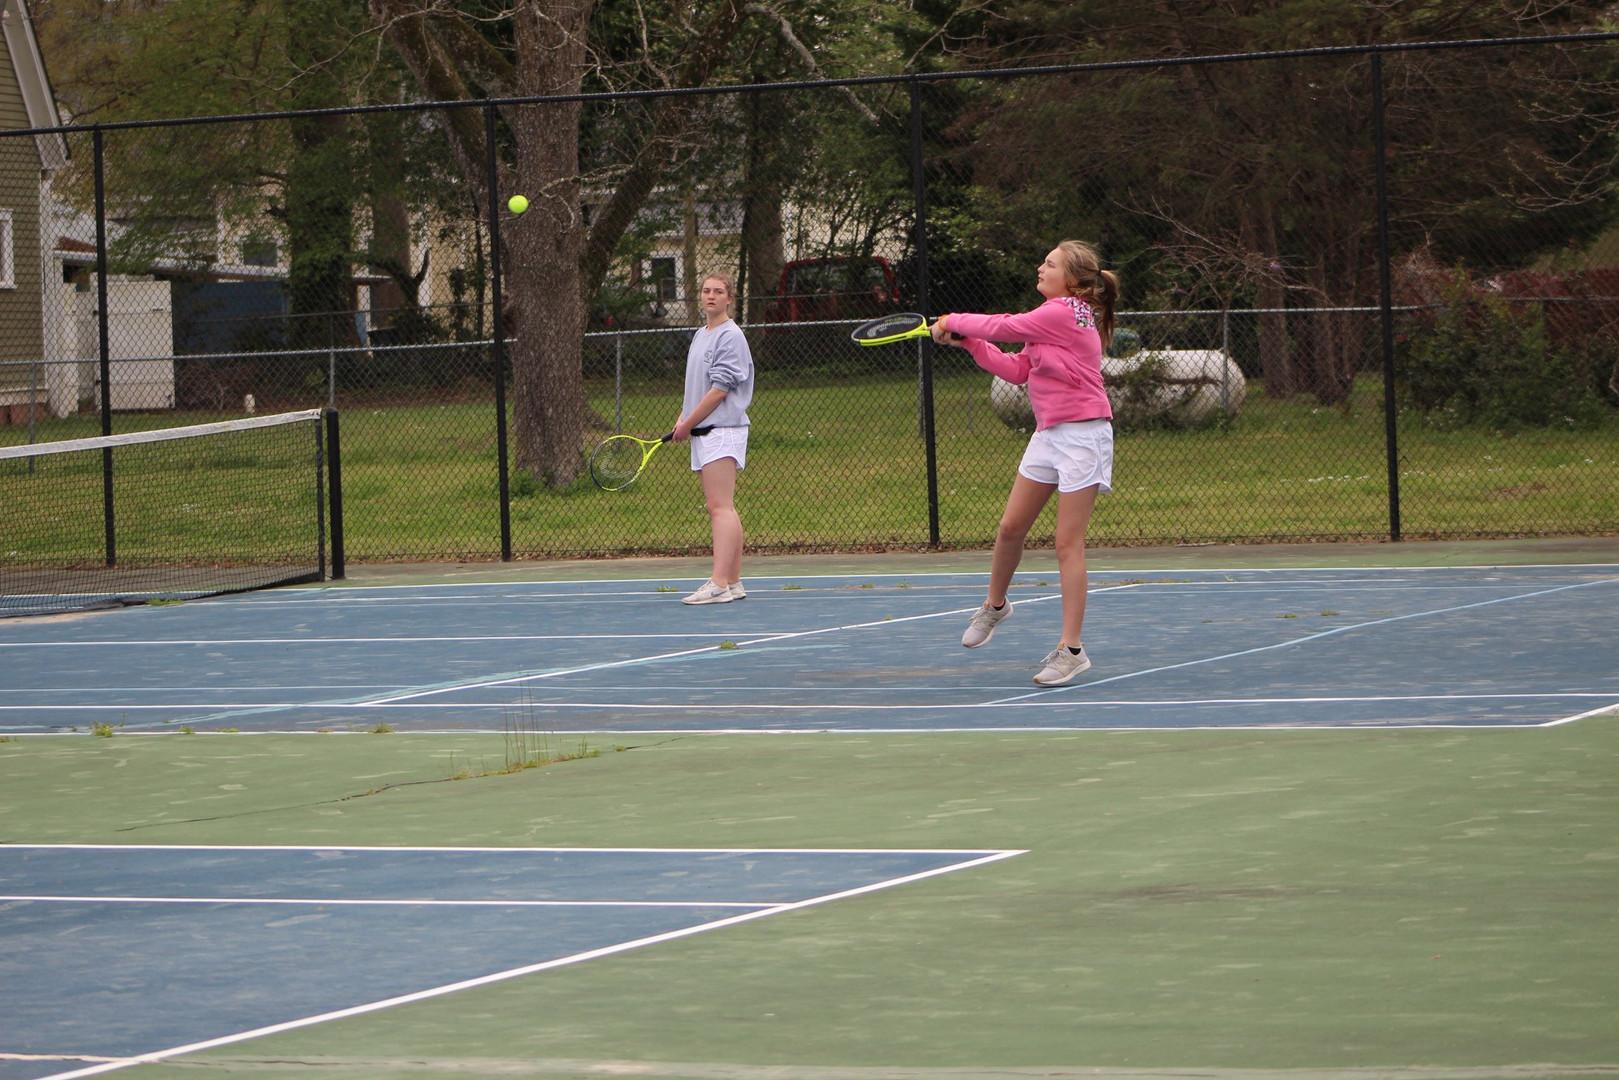 tennis -1.jpg